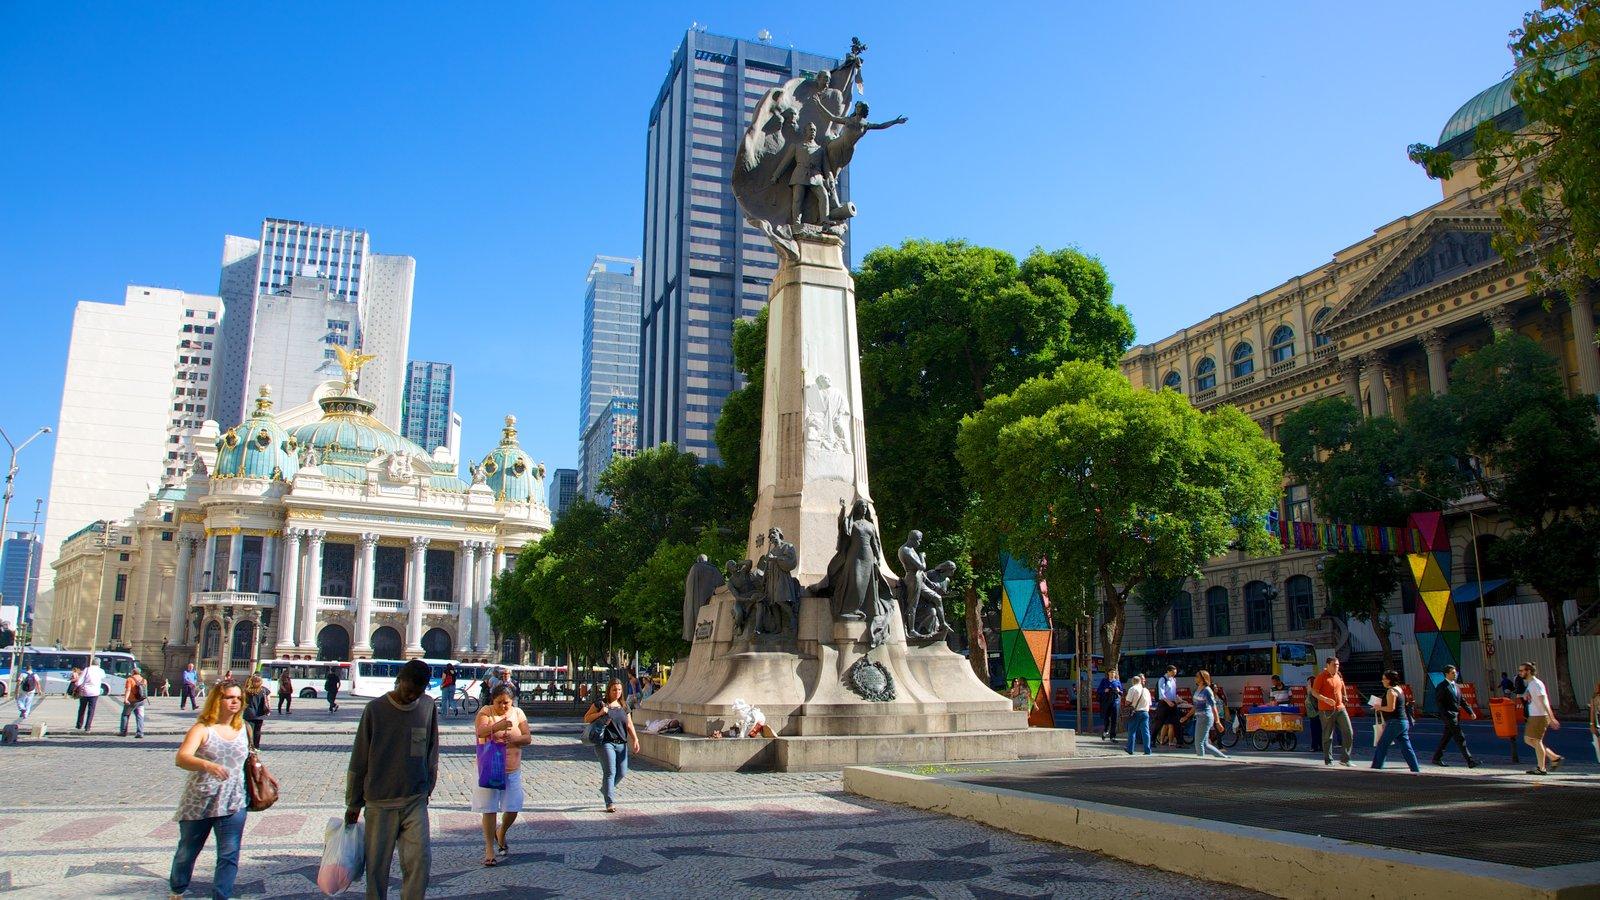 Cinelândia mostrando uma cidade, uma estátua ou escultura e uma praça ou plaza